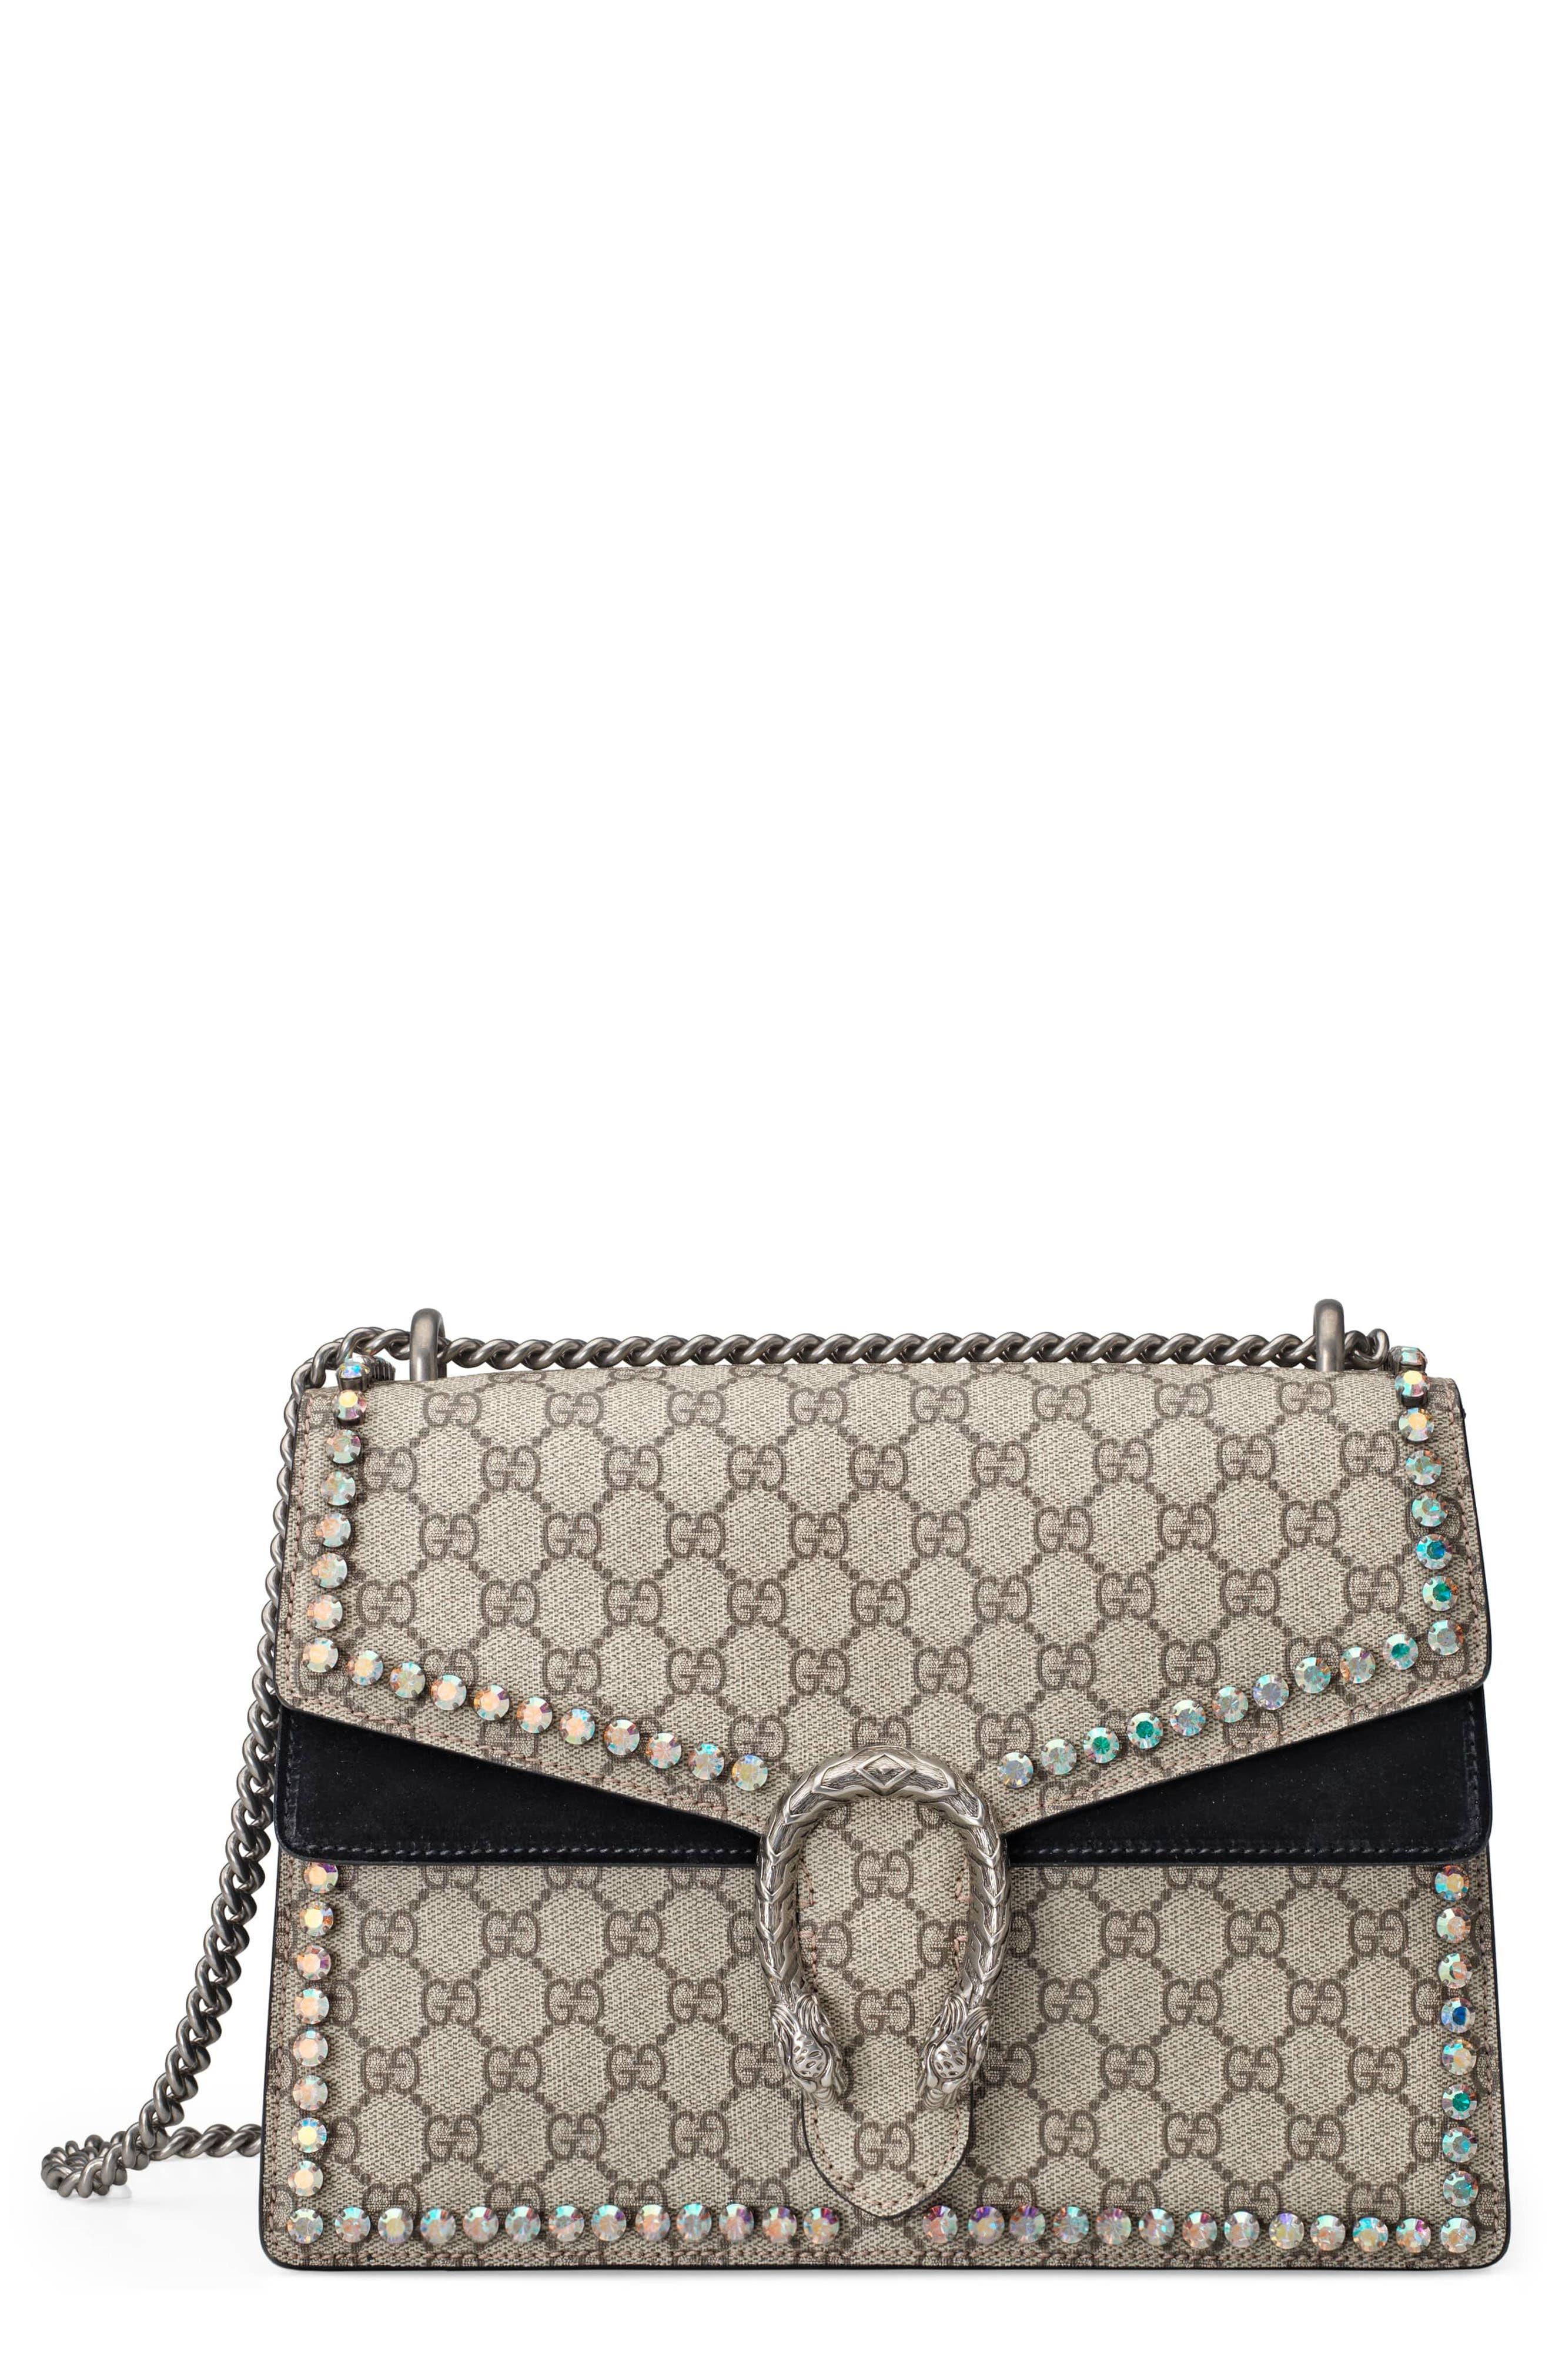 Medium Dionysus Crystal Embellished GG Supreme Canvas & Suede Shoulder Bag, Main, color, 276